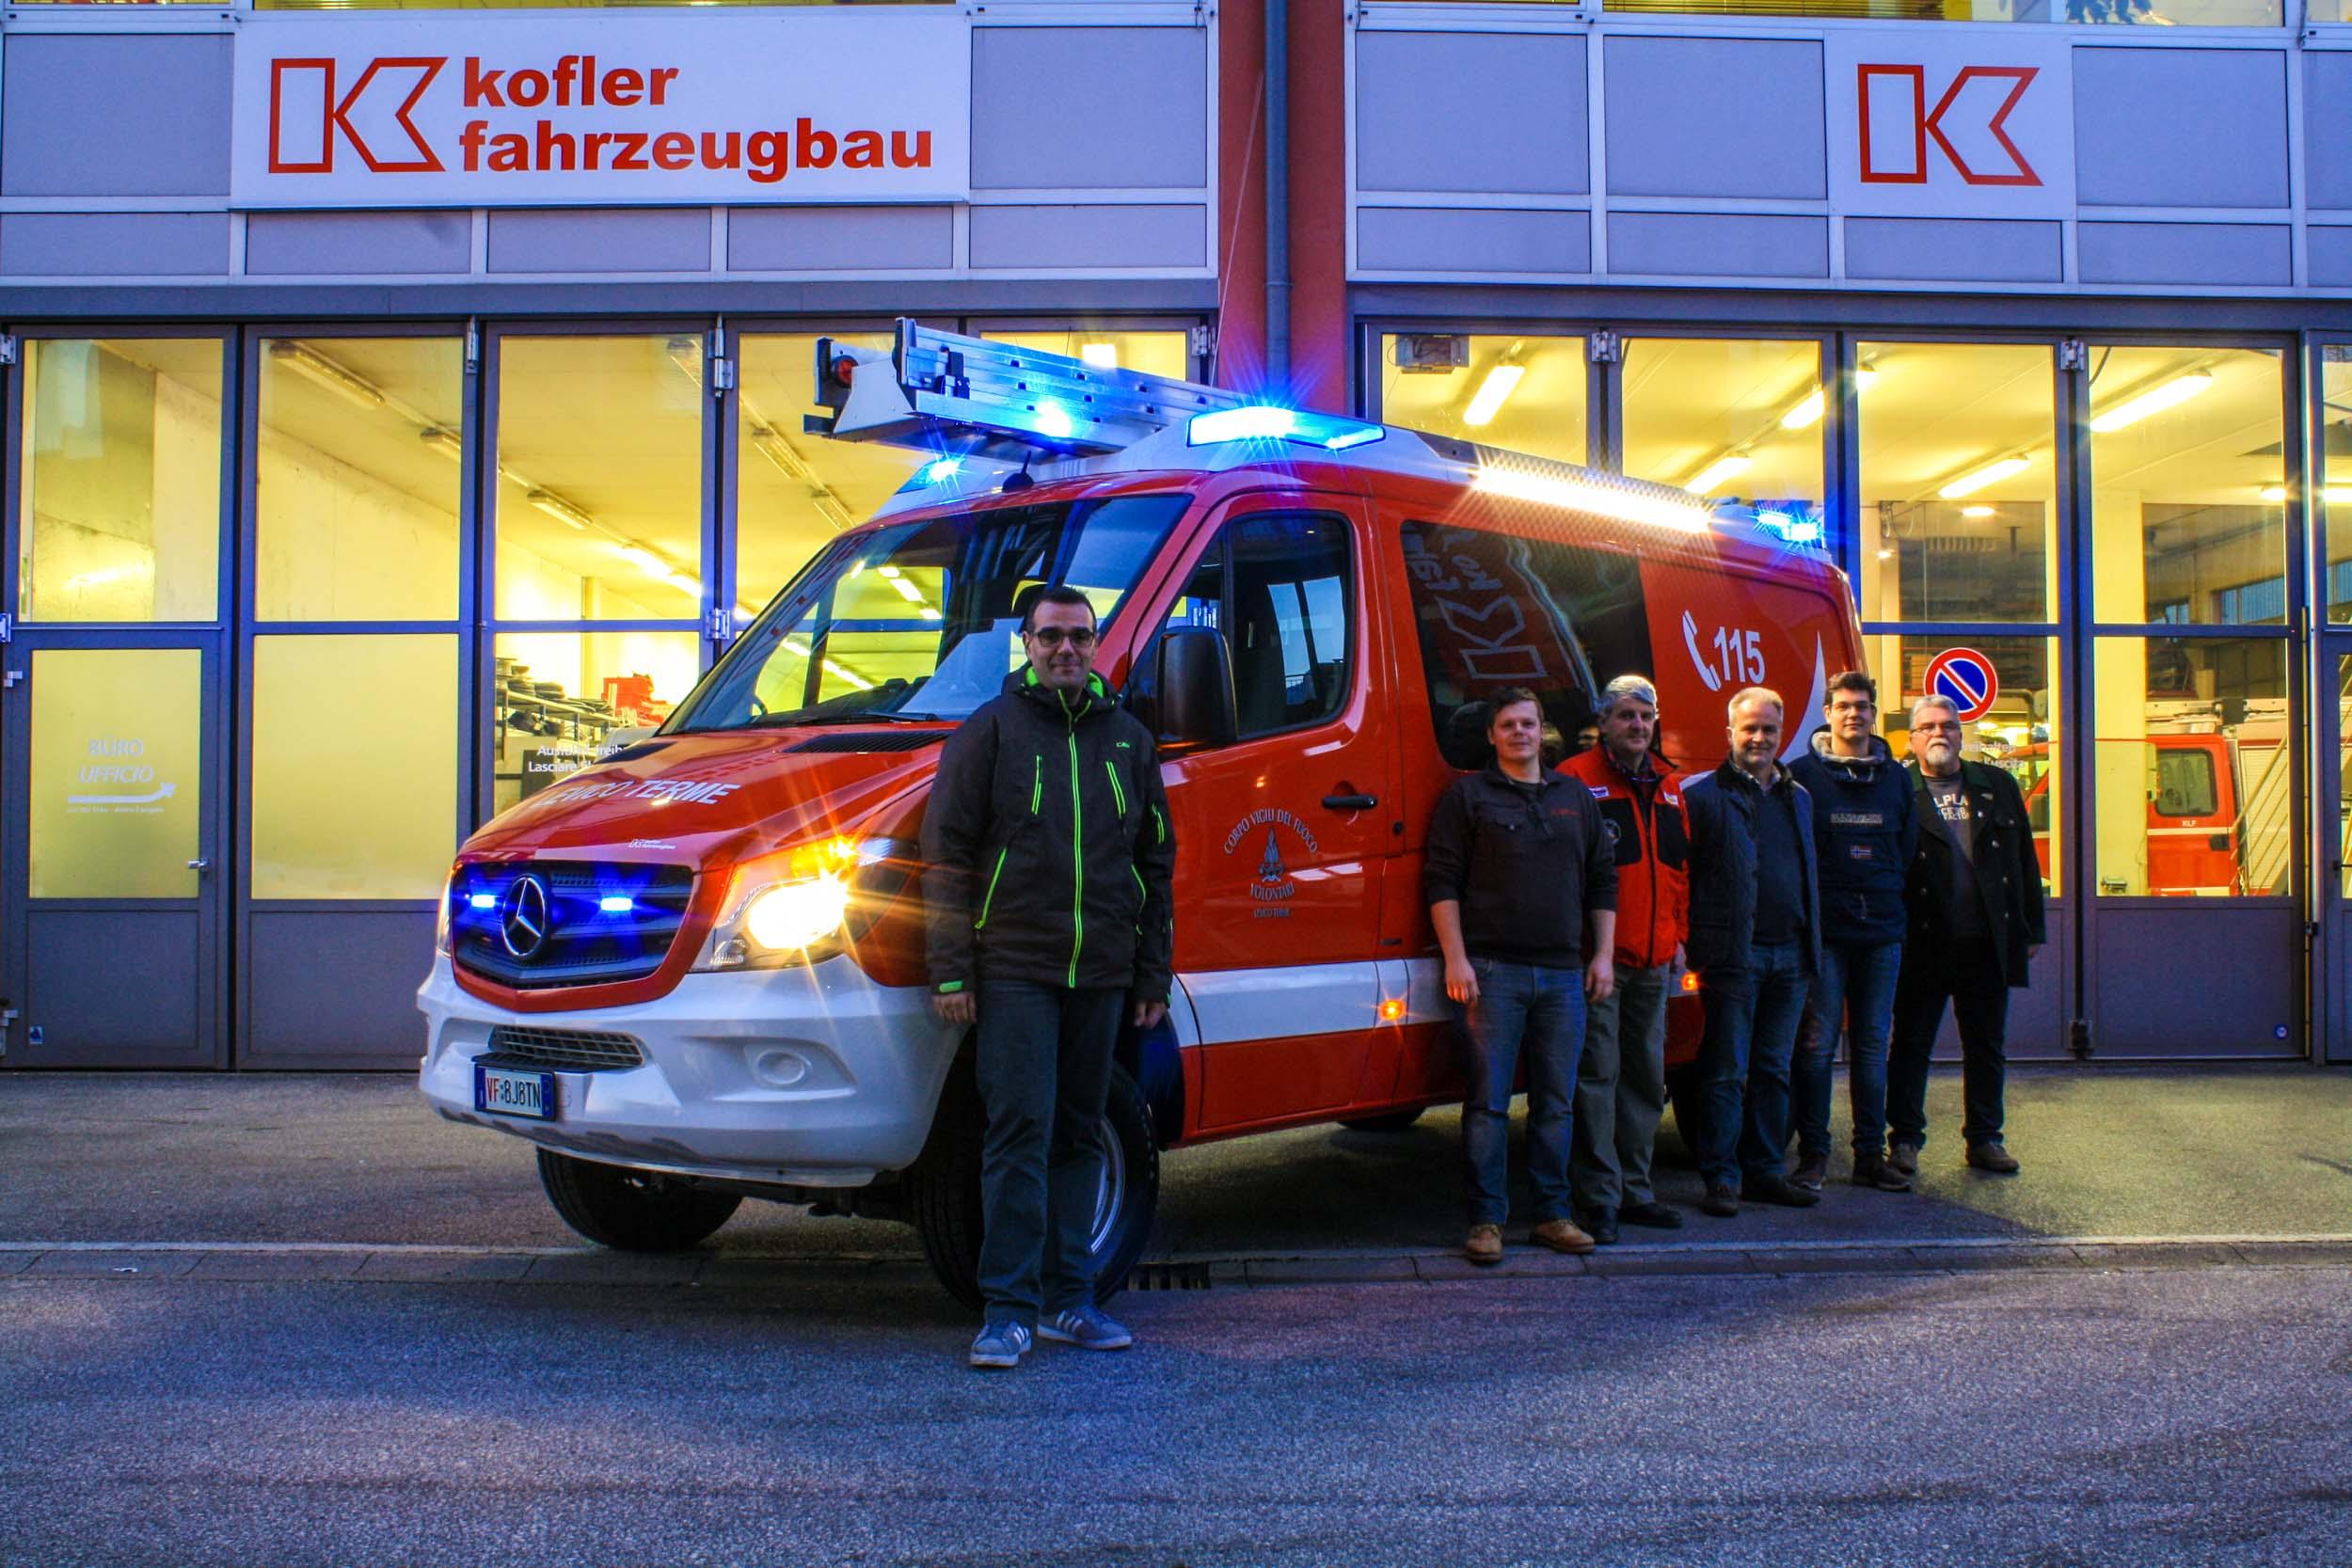 Kofler-Fahrzeugbau-VVF-Levico-Terme